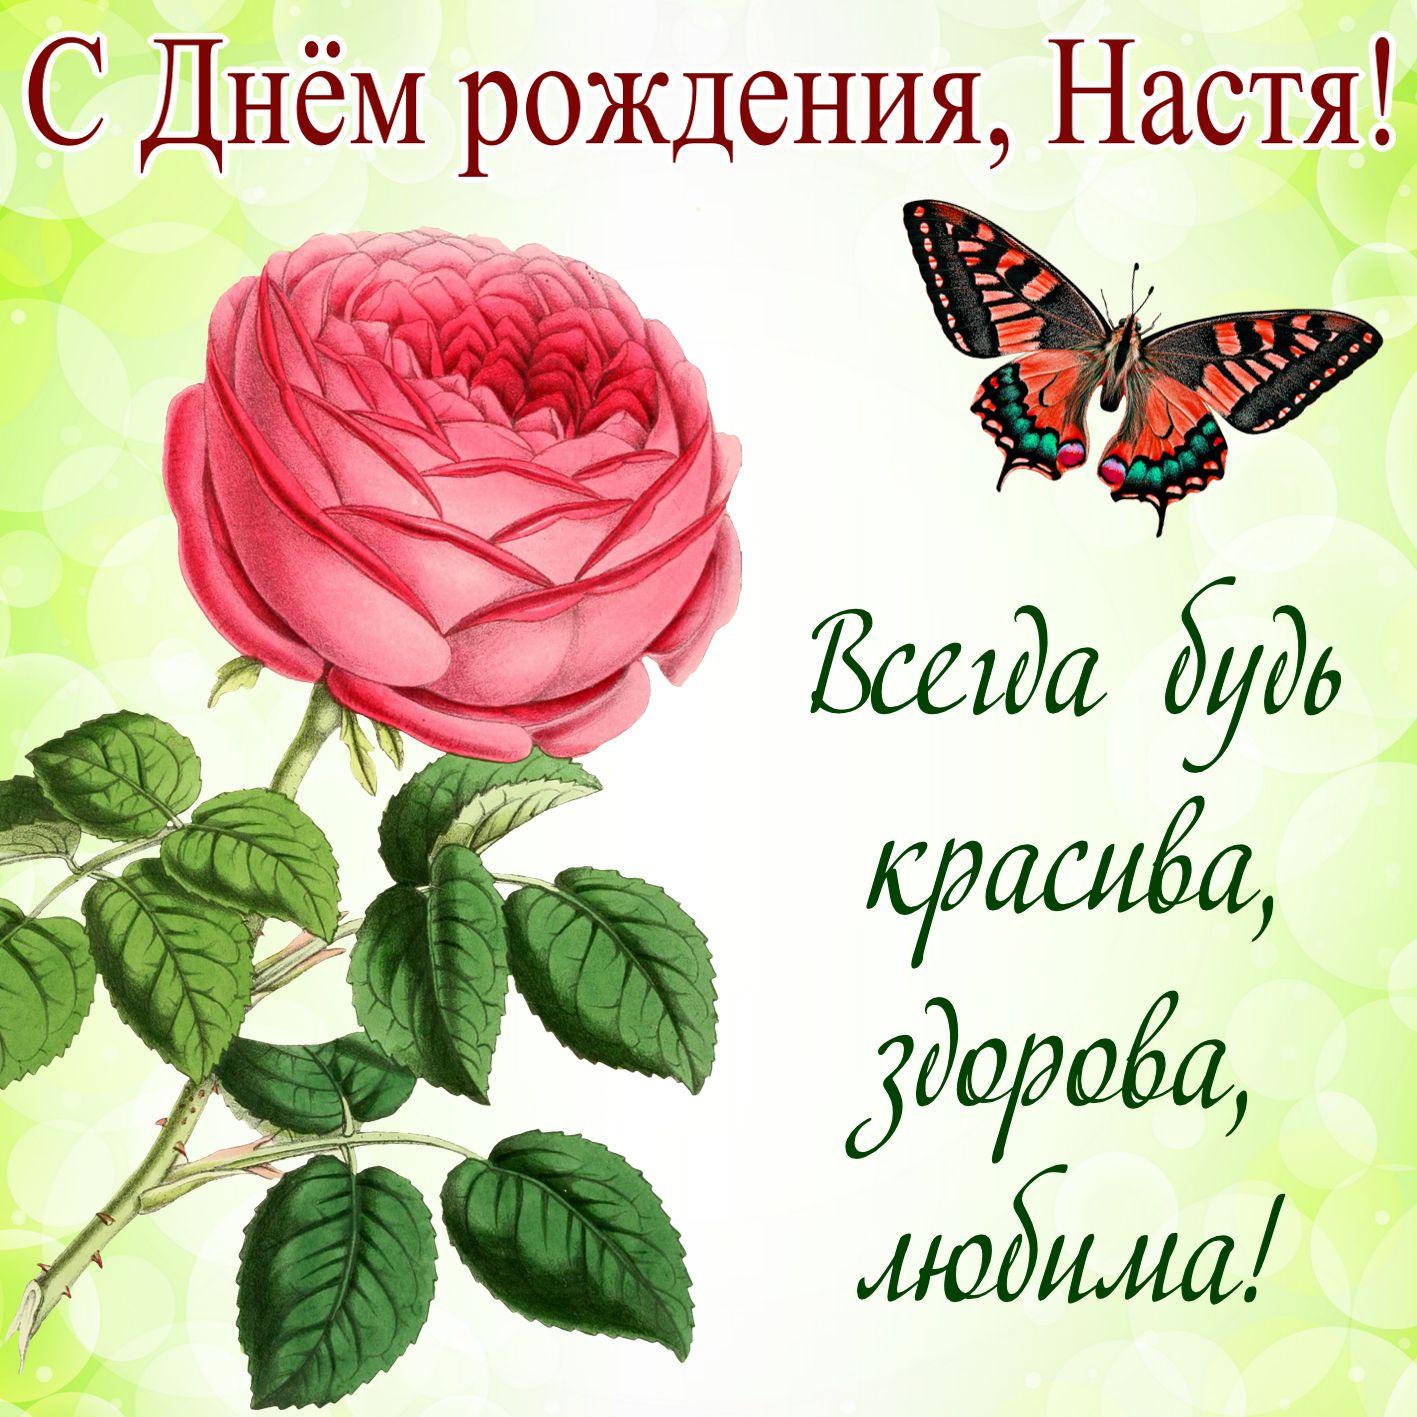 Поздравления с днем рождения прикольные для любы